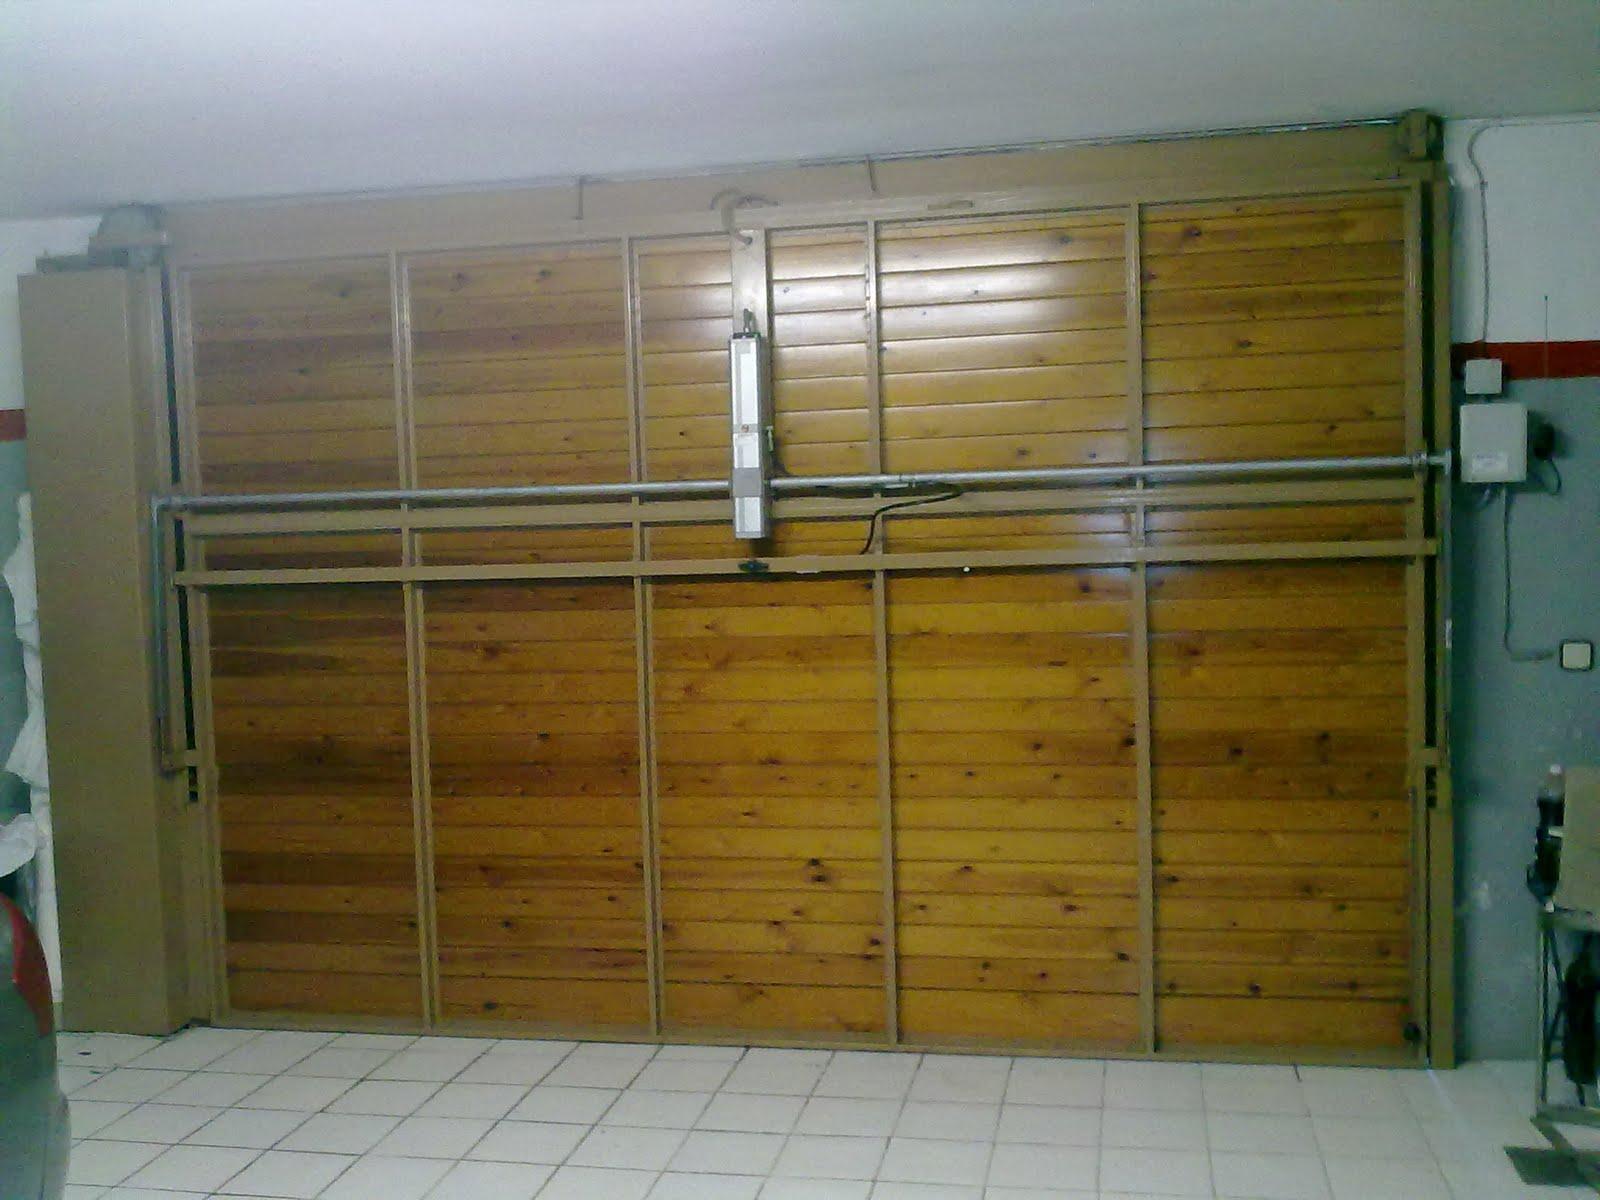 Puertas automatismos seguridad y control barcelona for Automatismos para puertas